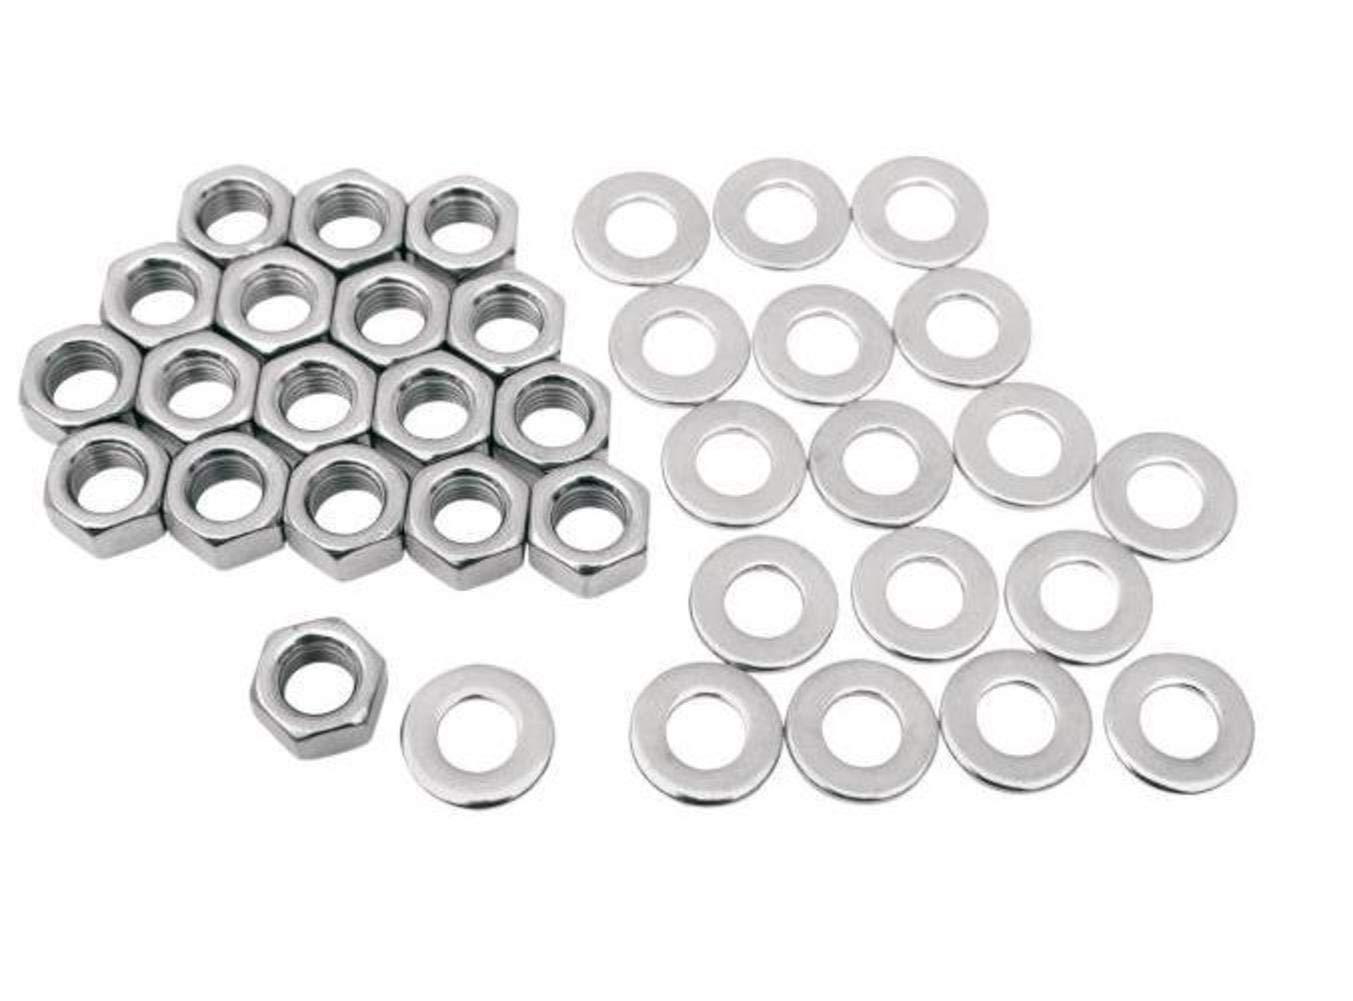 Colony Rocker Box Nut Kit 8608-36 TRTC11519